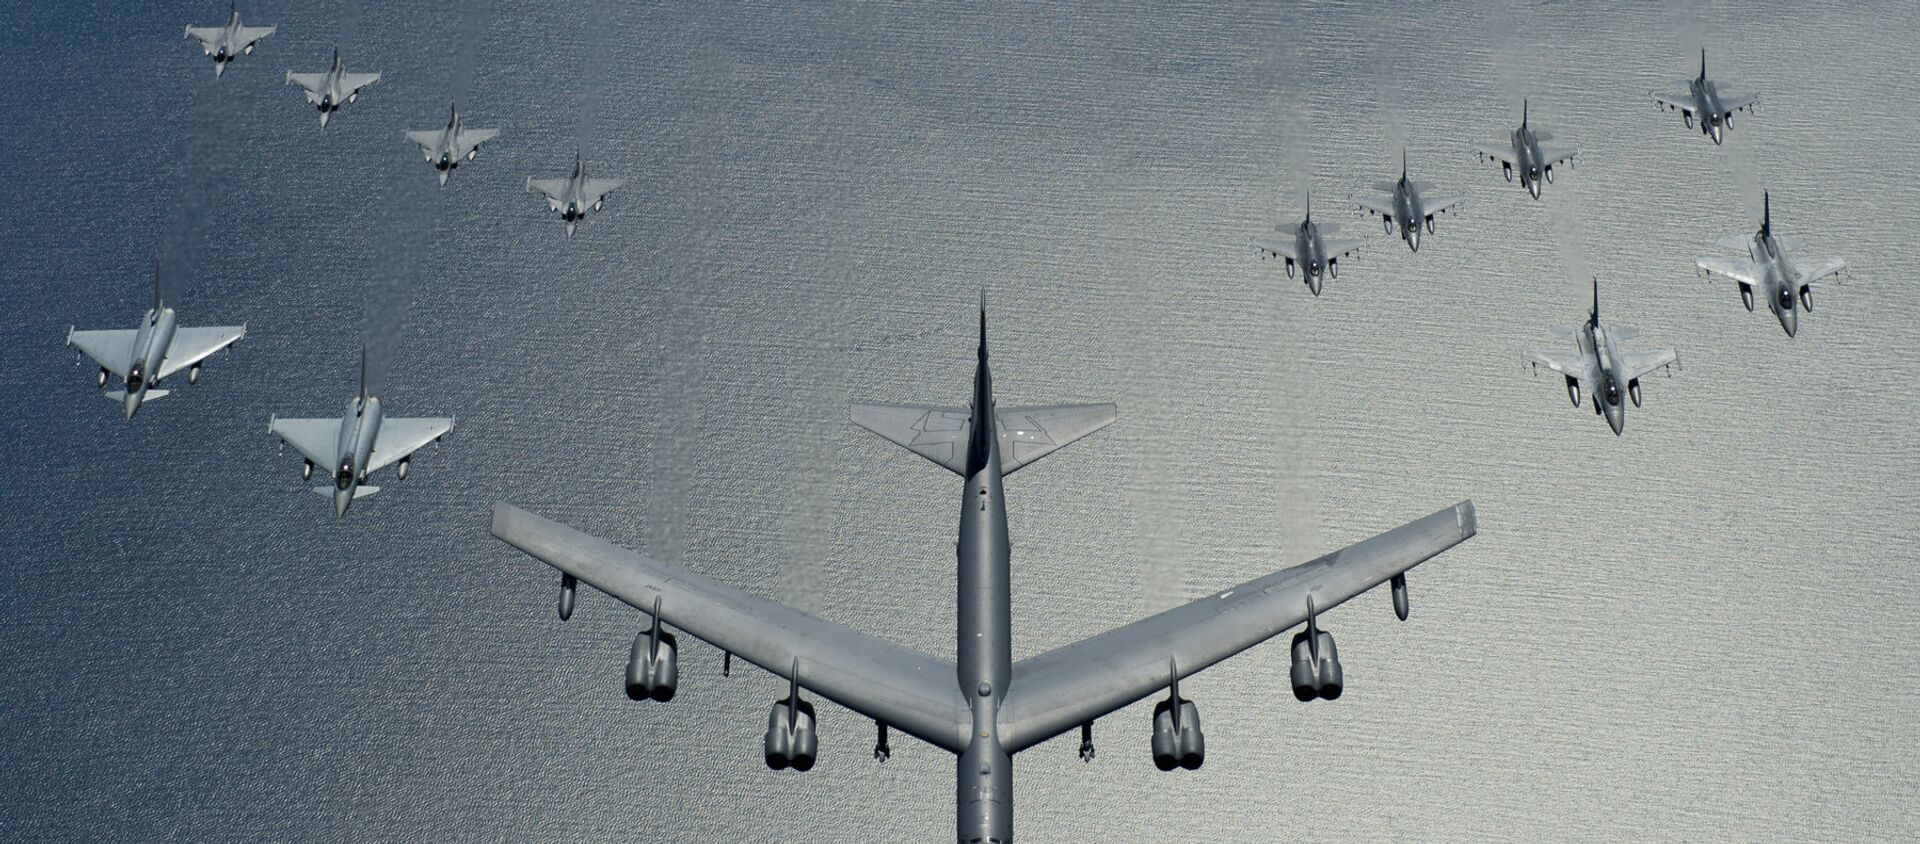 Un bombardero estadounidense B-52 liderando una formación de los cazas de la OTAN durante las maniobras, en 2016 - Sputnik Mundo, 1920, 08.09.2020